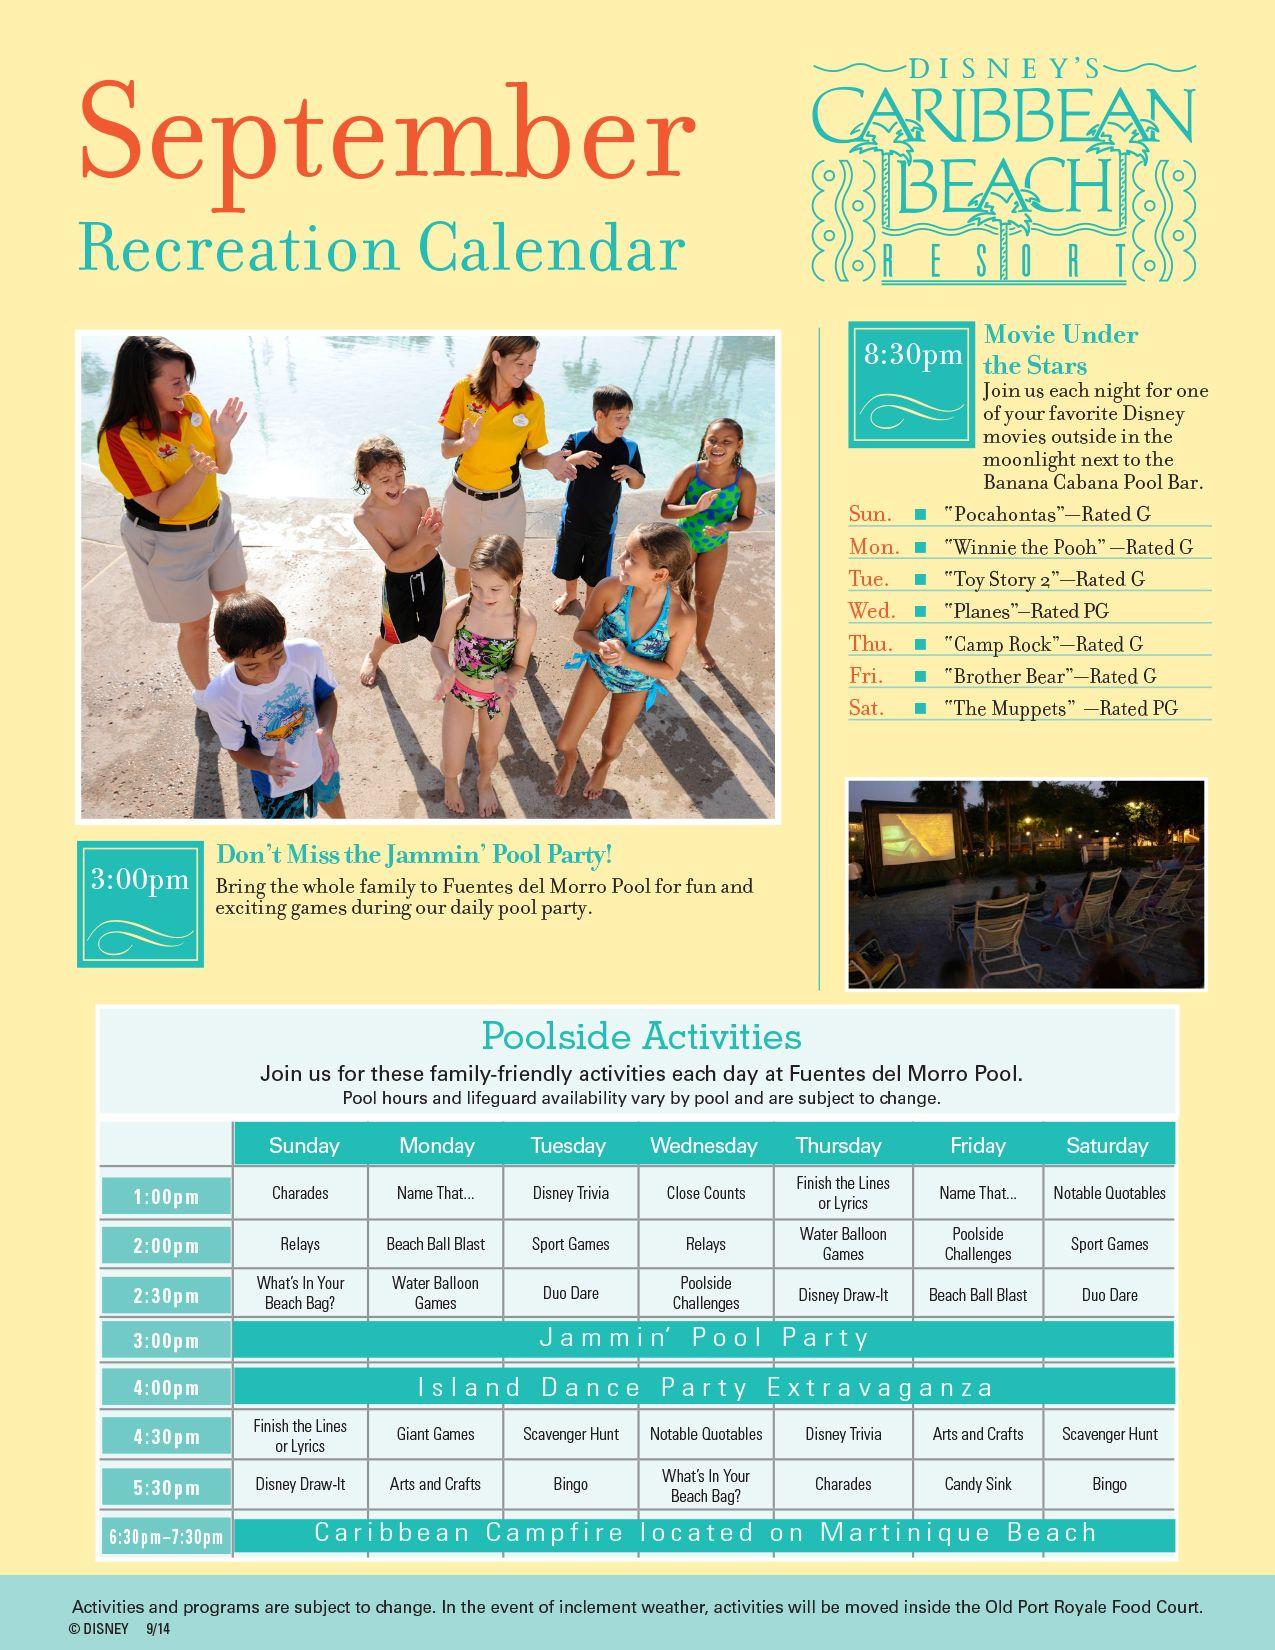 Disney Halloween 2020 Resort Activities Caribbean Beach Resort Recreation Activities Guide